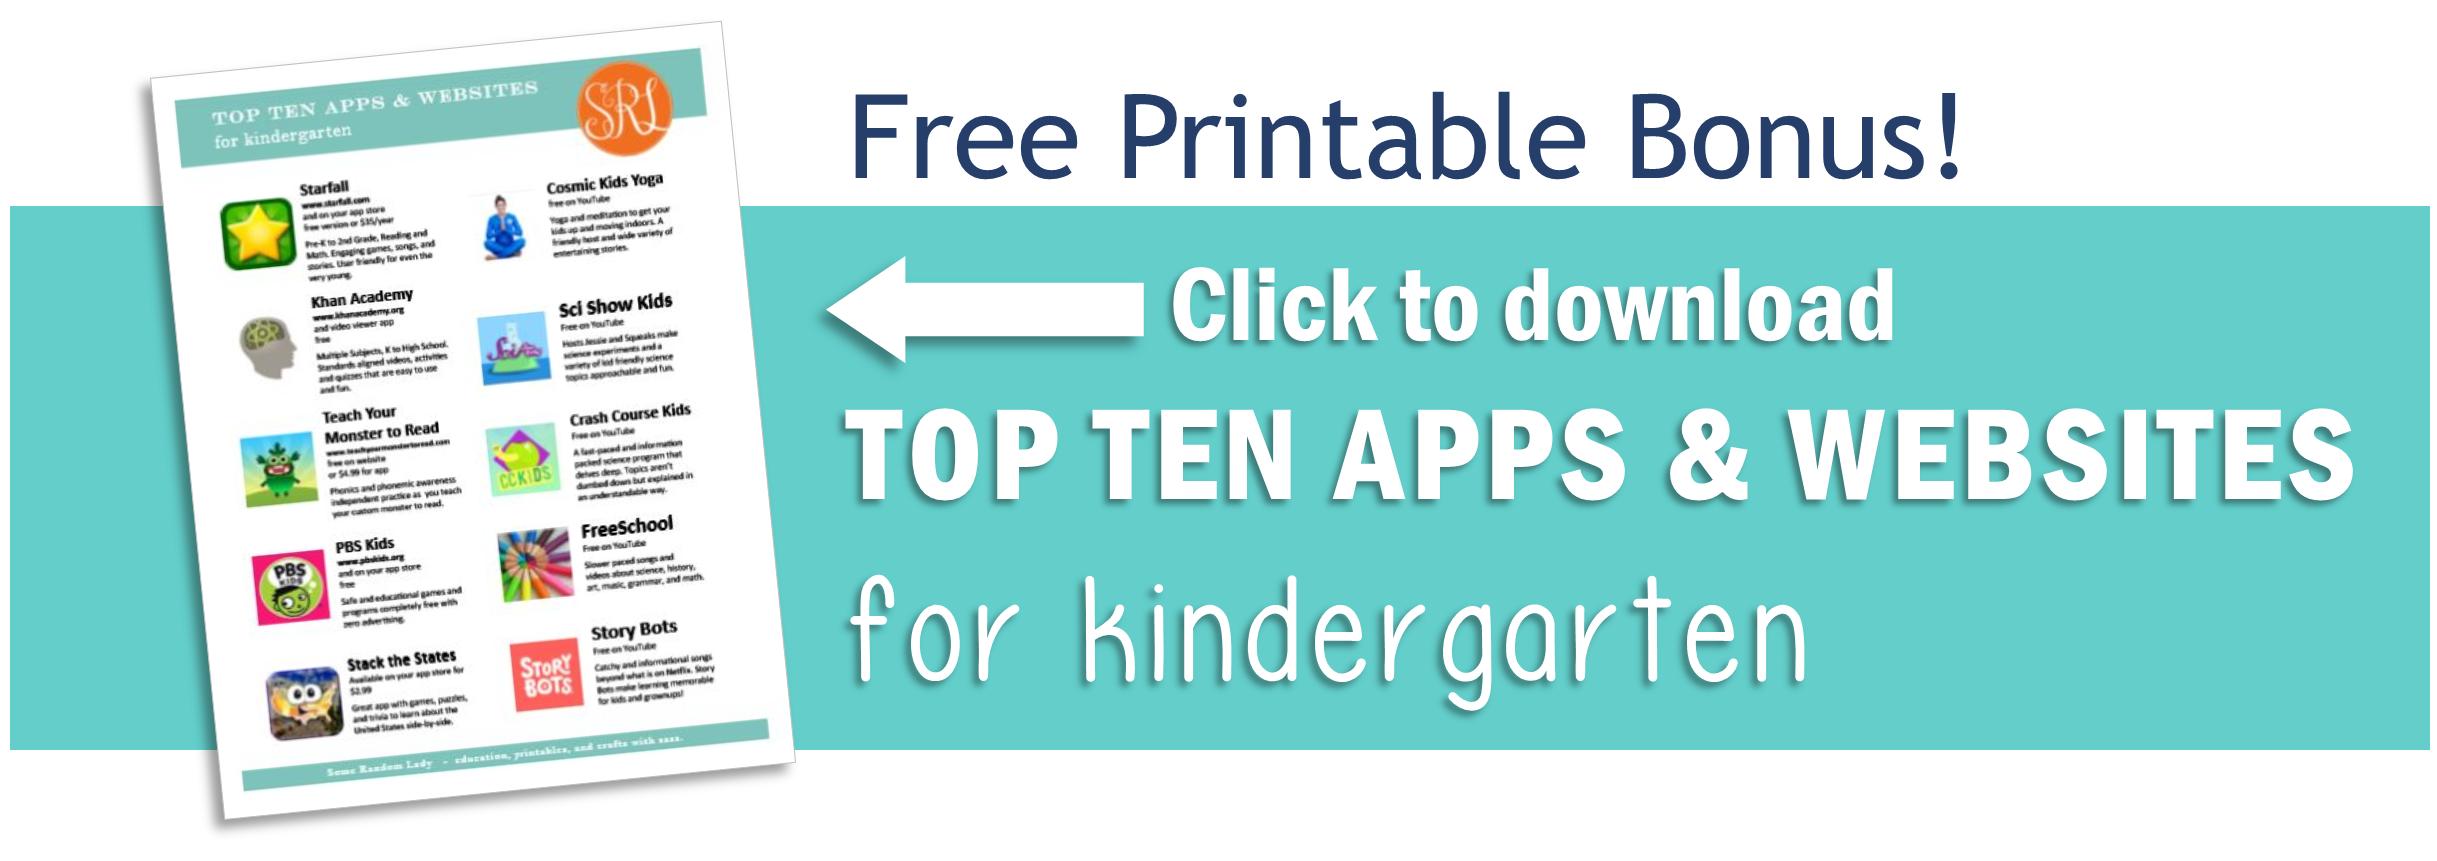 Free Printable Bonus - Top Ten Apps and Websites for Kindergarten